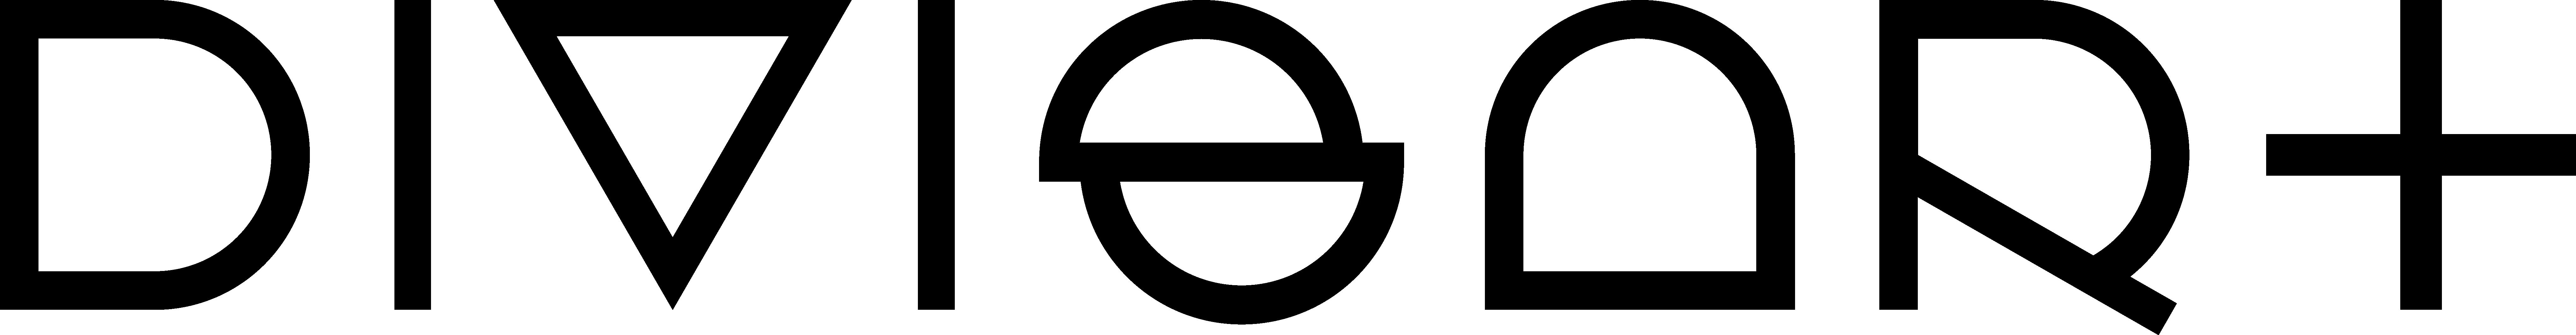 DIVISART